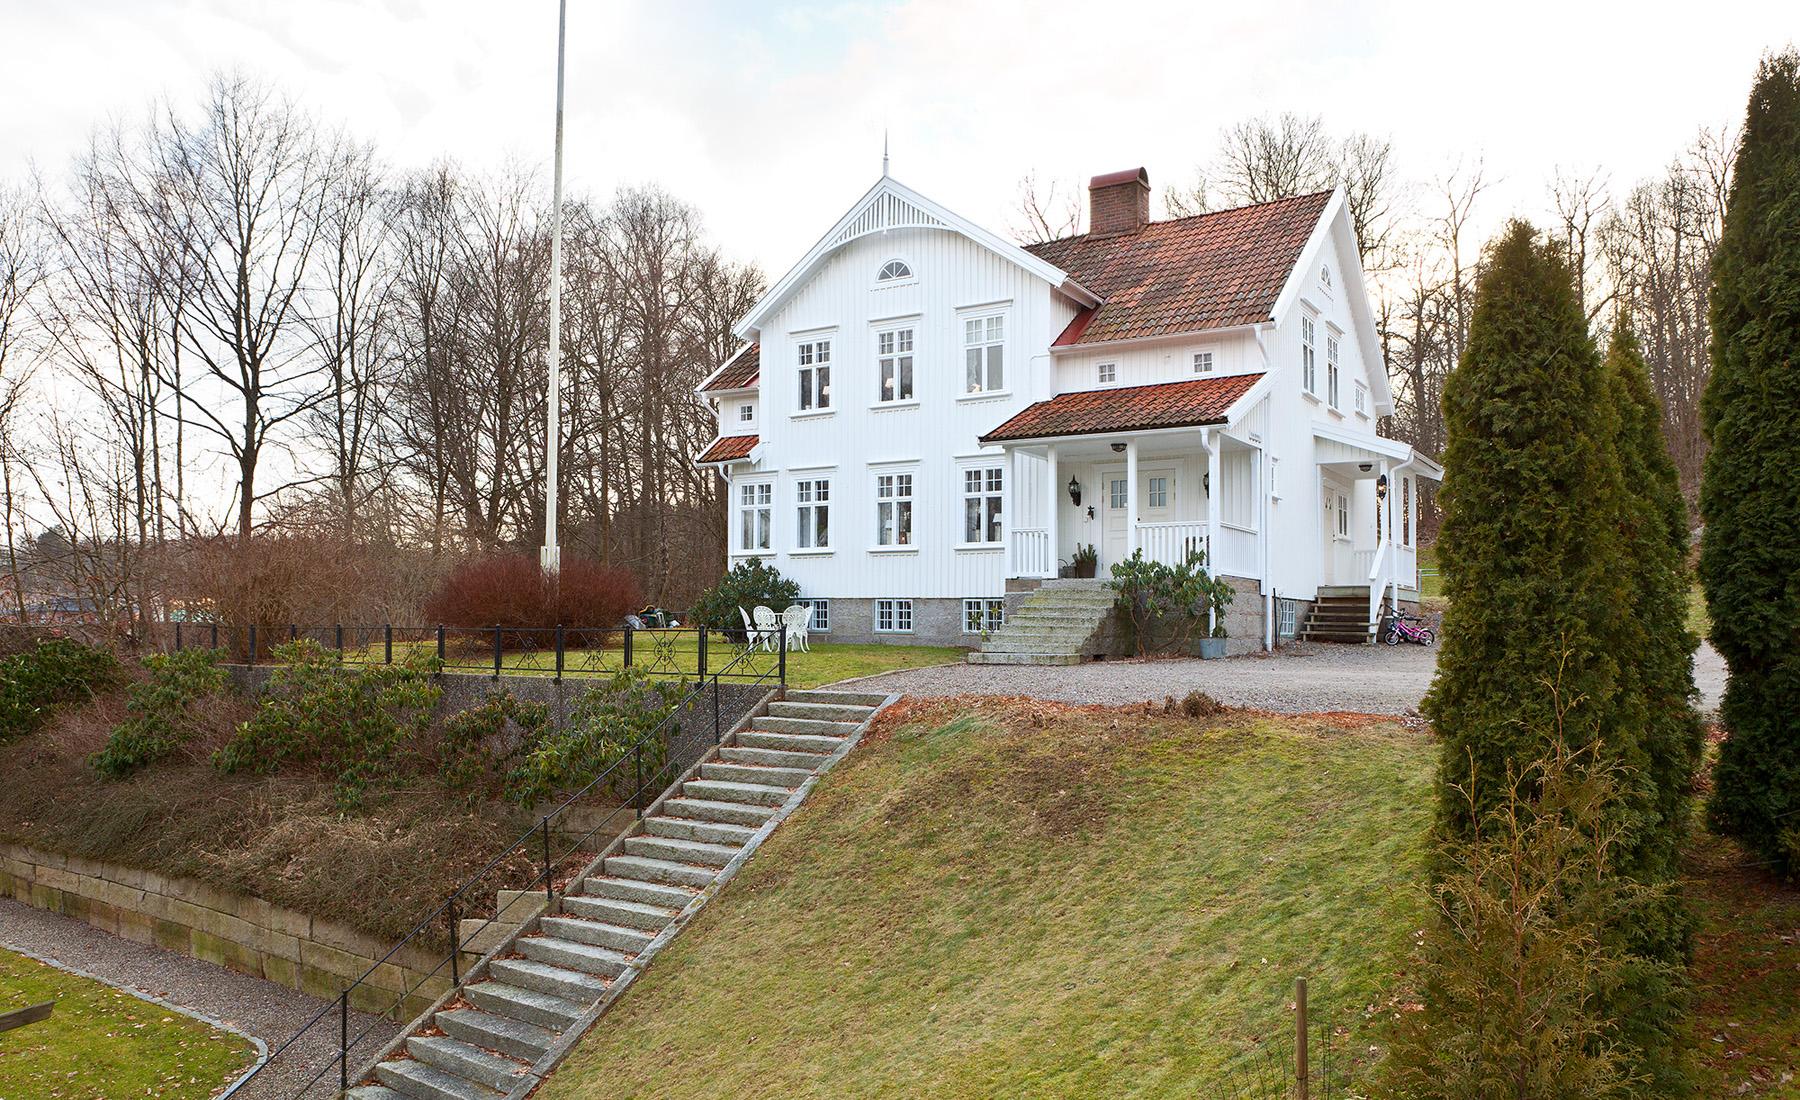 Single Family Home for Sale at Willa Vidablick Strömstadsvägen 15 A Other Vastra Gotaland, Vastra Gotaland, 45530 Sweden